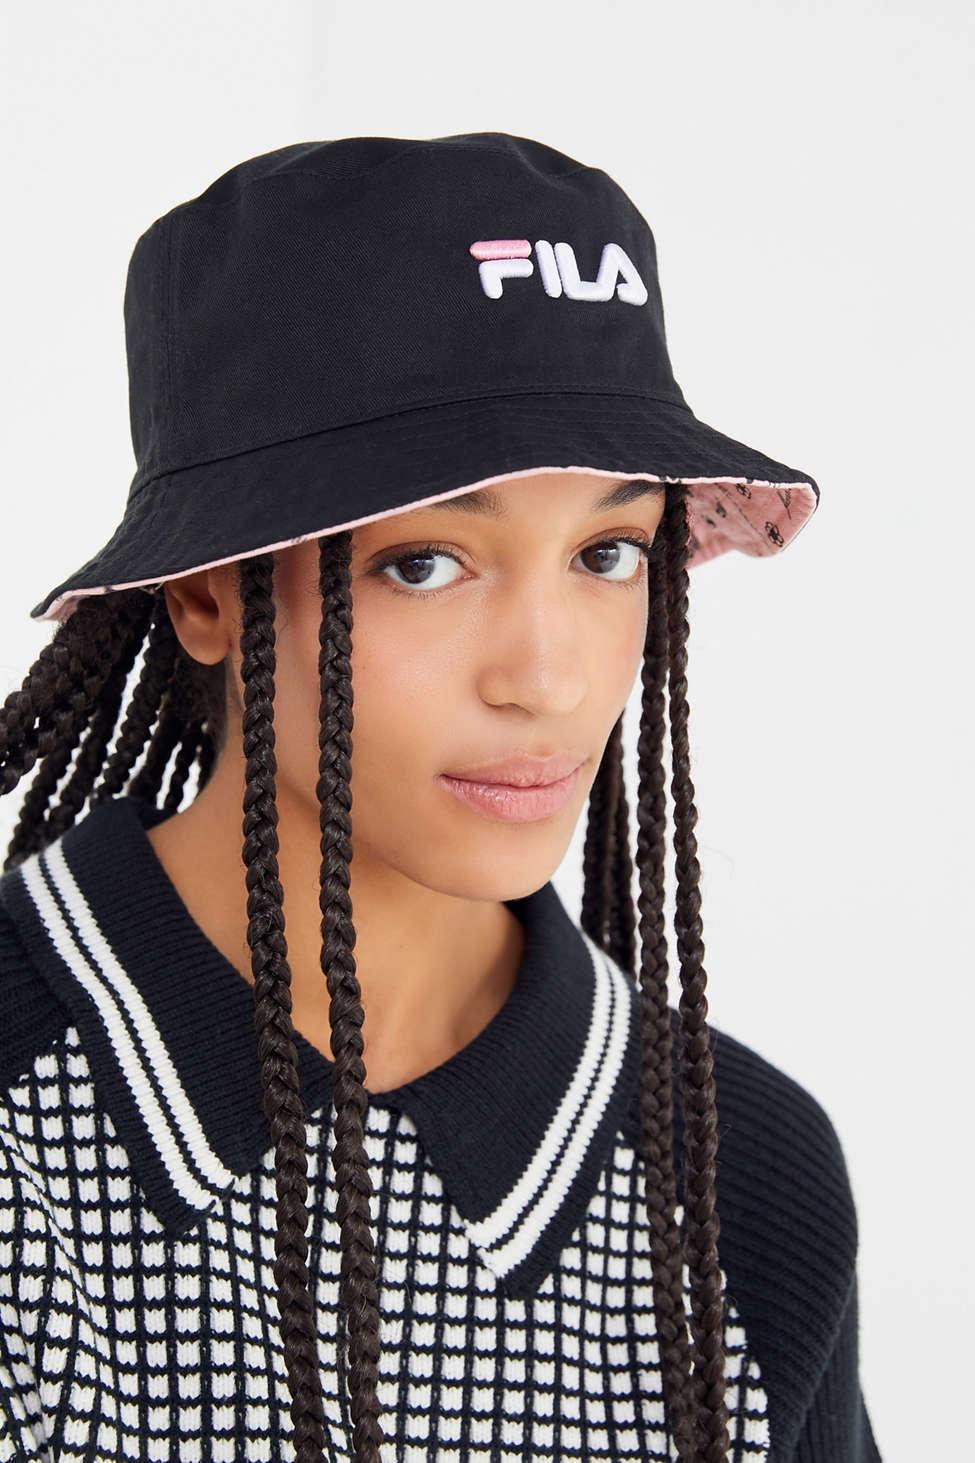 Fila X Fleamadonna Reversible Bucket Hat by Fila